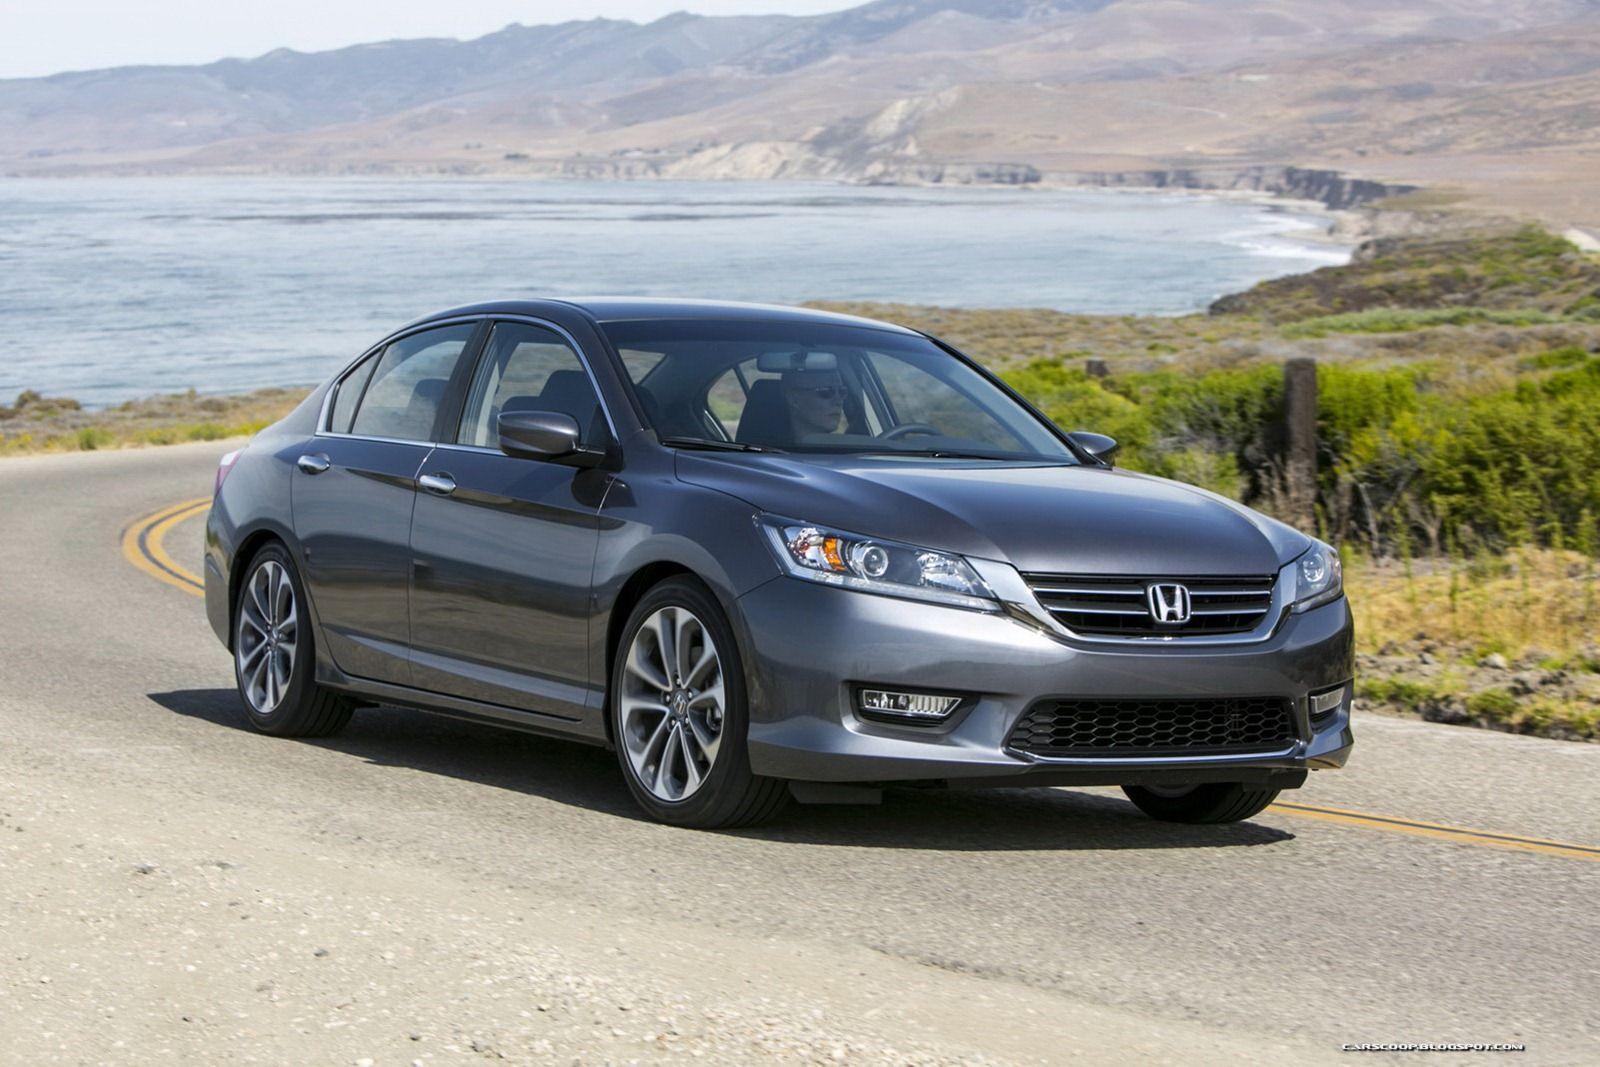 2013_Honda_Accord_Sport_Sedan_124[2]